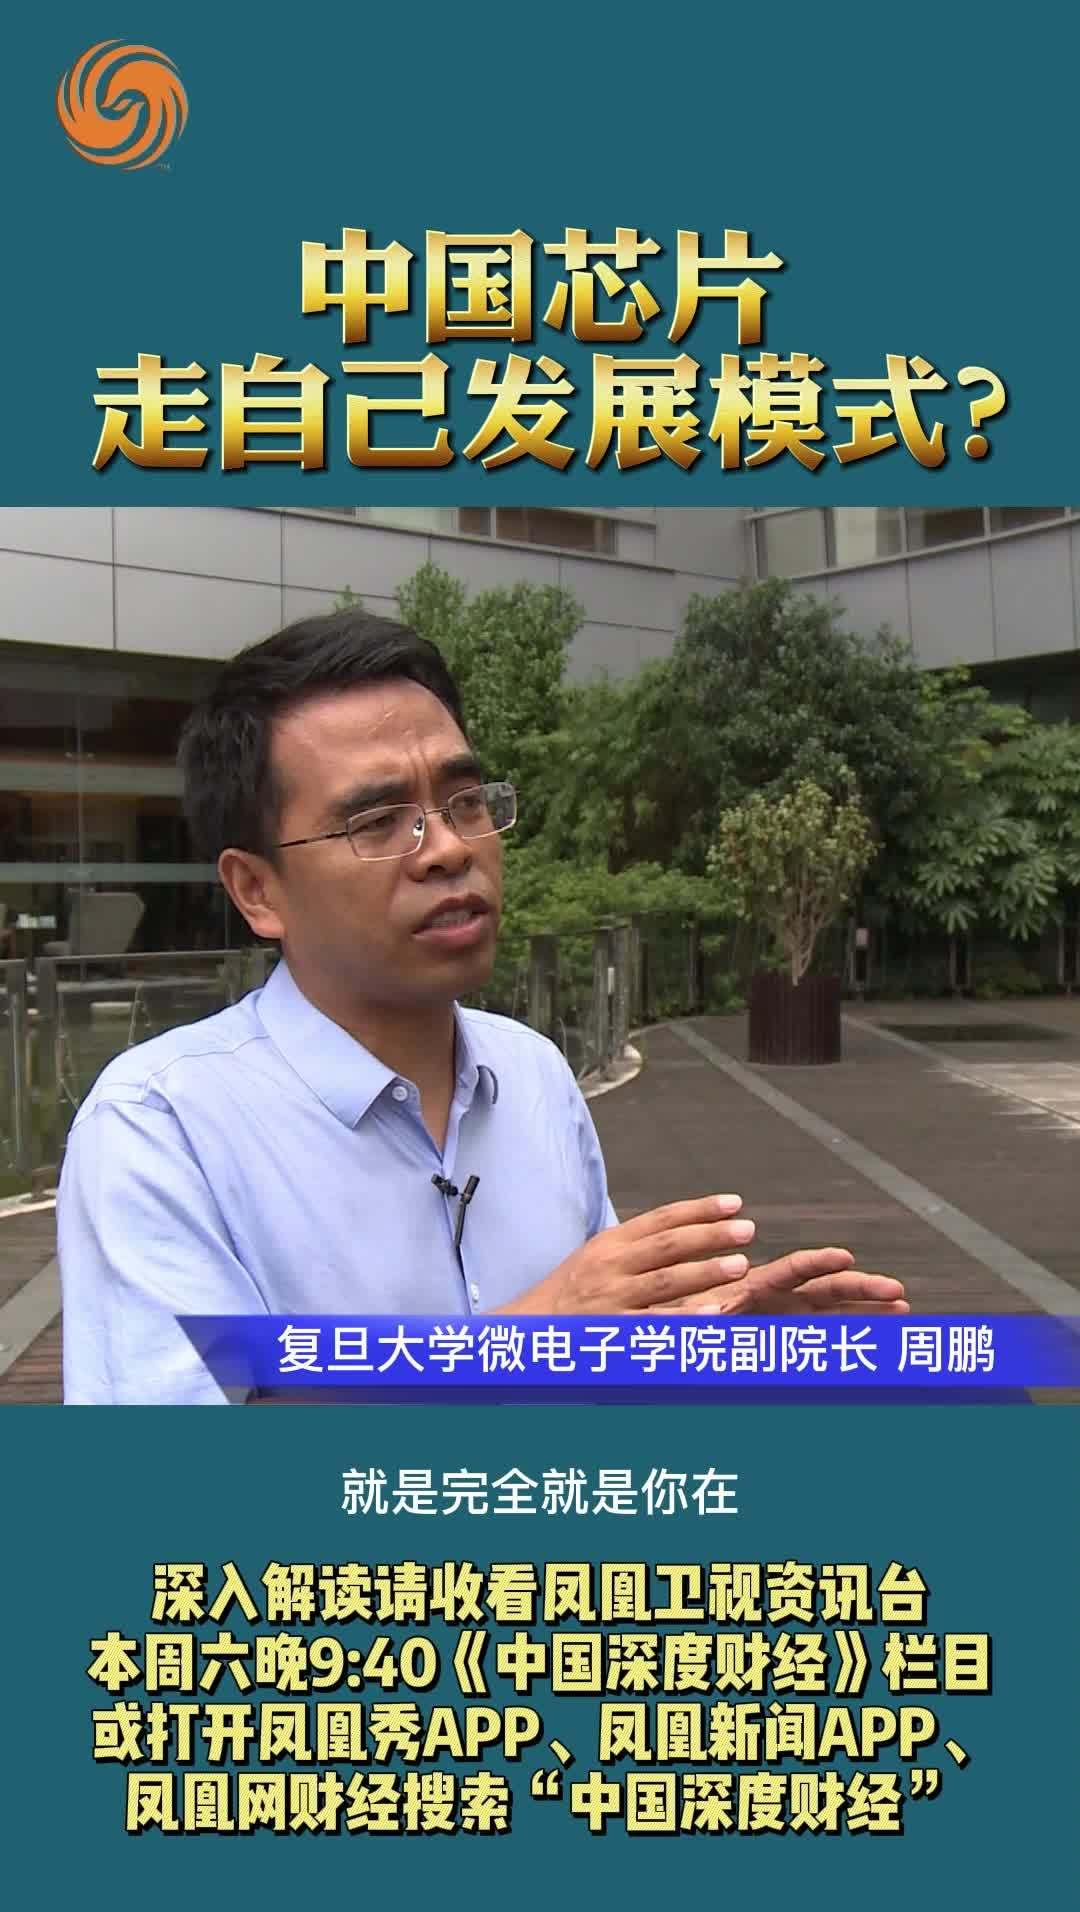 周鹏:中国芯片走自己发展模式?